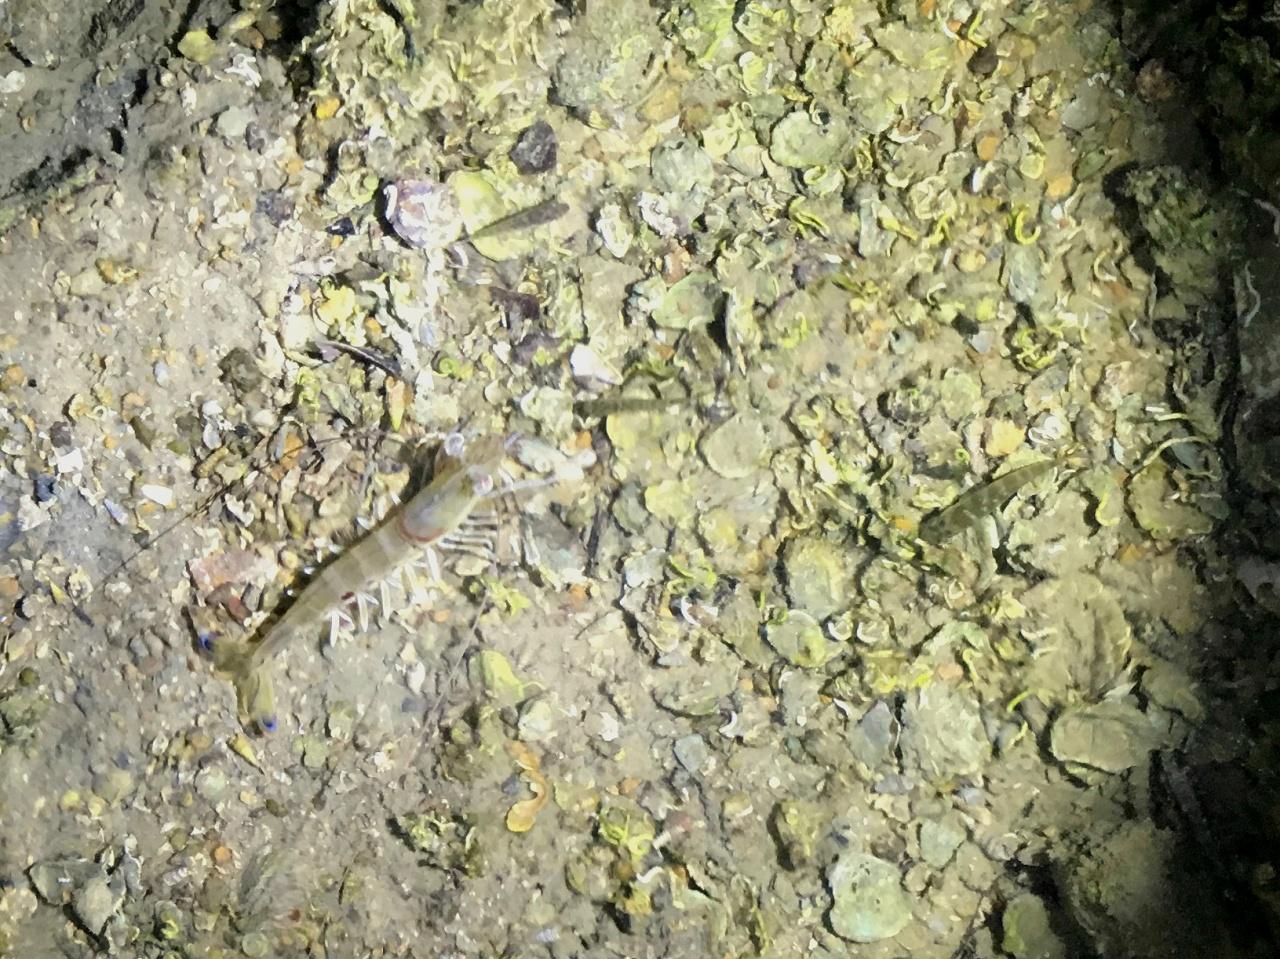 蟹蝦都懂得用沙來掩埋自己,逃離敵人的威脅。這不是「新鮮」與否,這是「生命力」。(相片由作者提供)